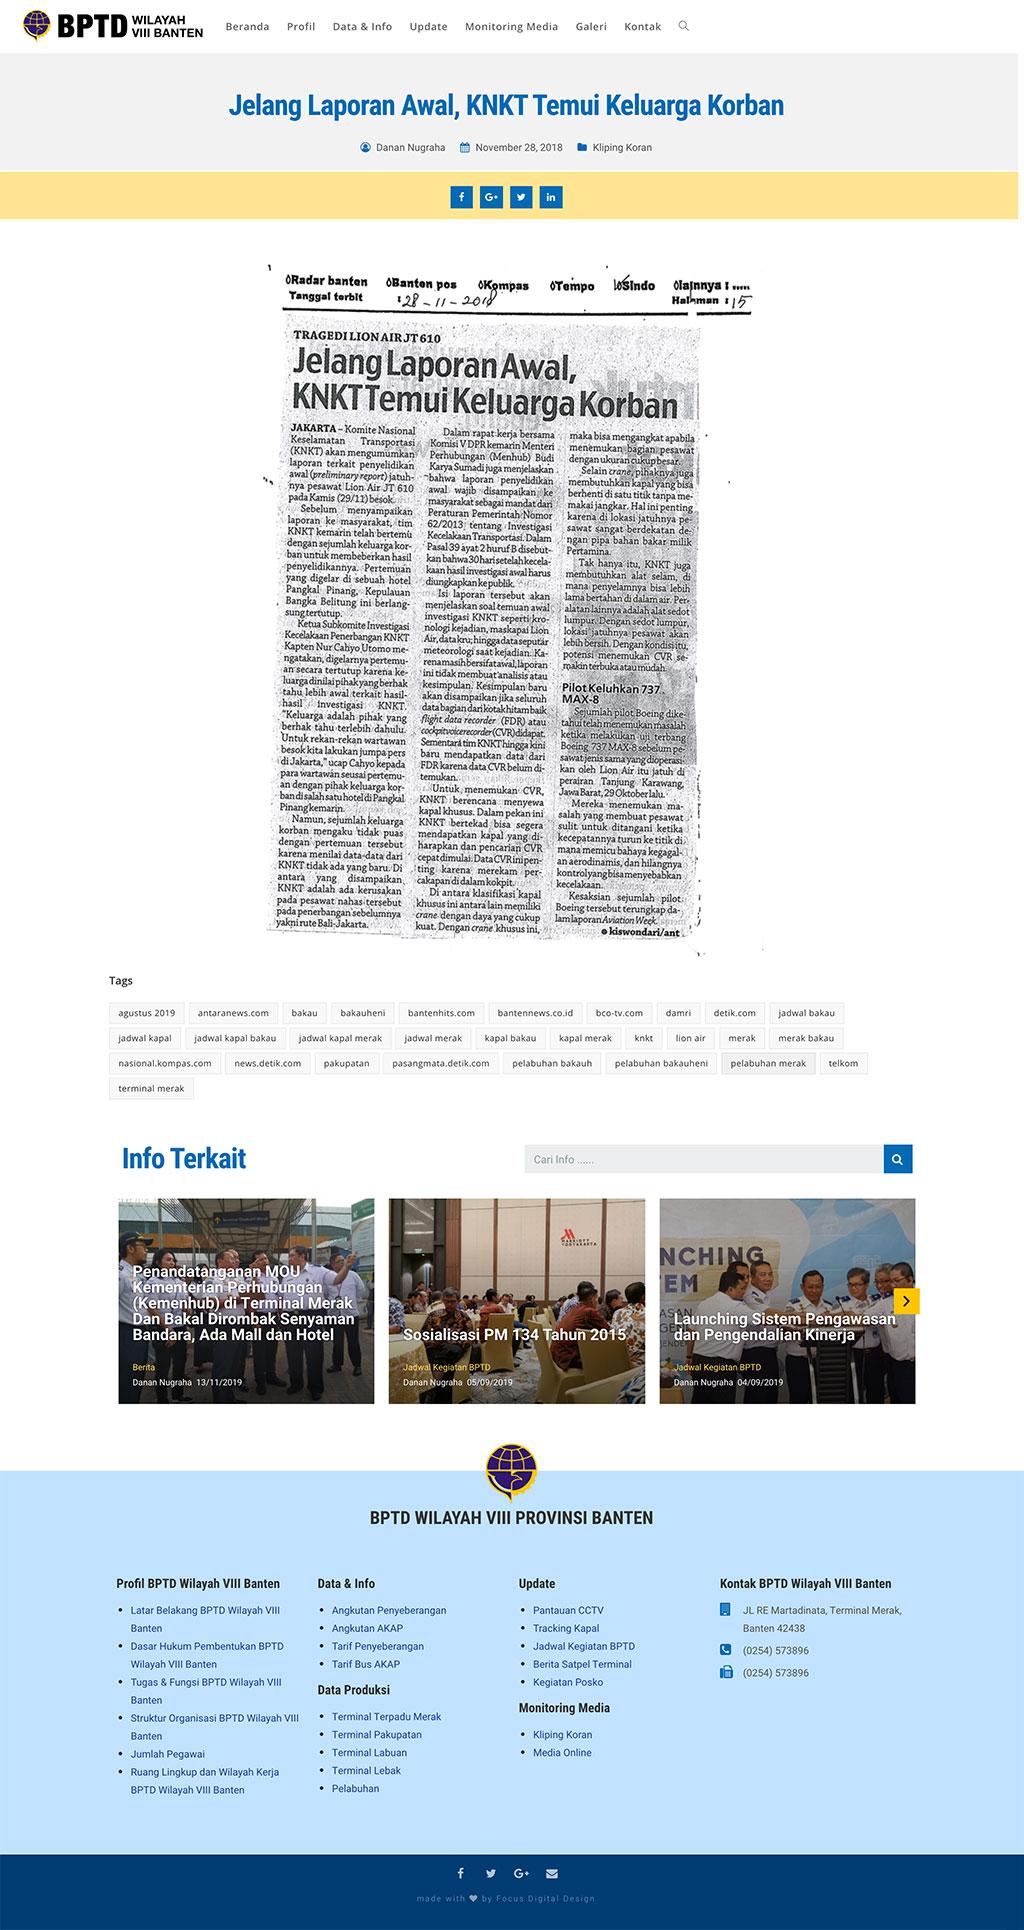 Website Design Client - BPTD 8 Banten